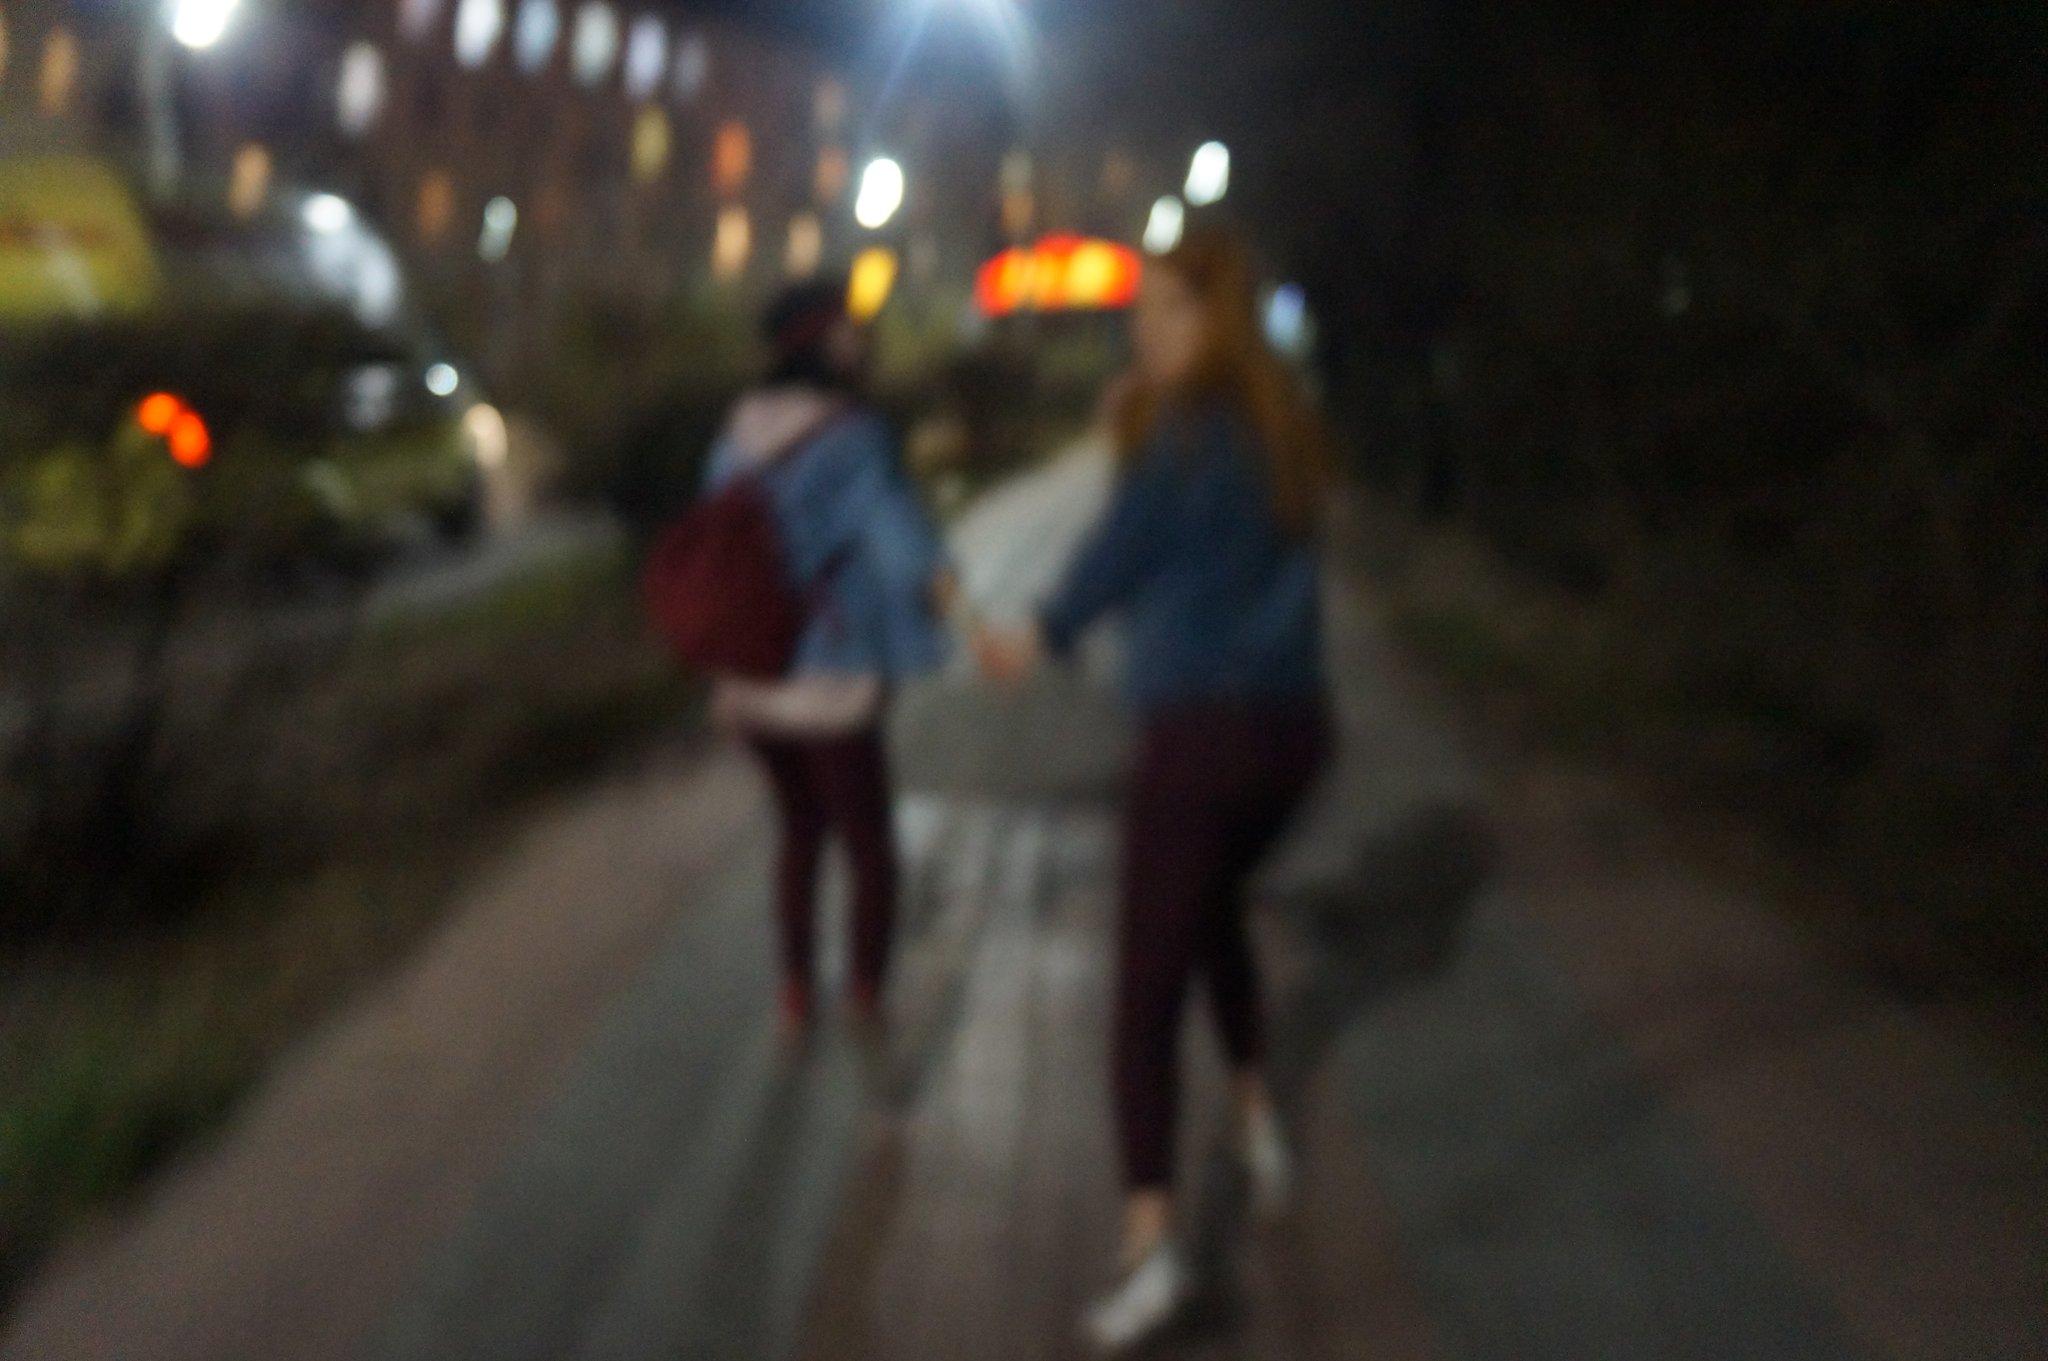 случае фото гуляем ночью с друзьями благодаря